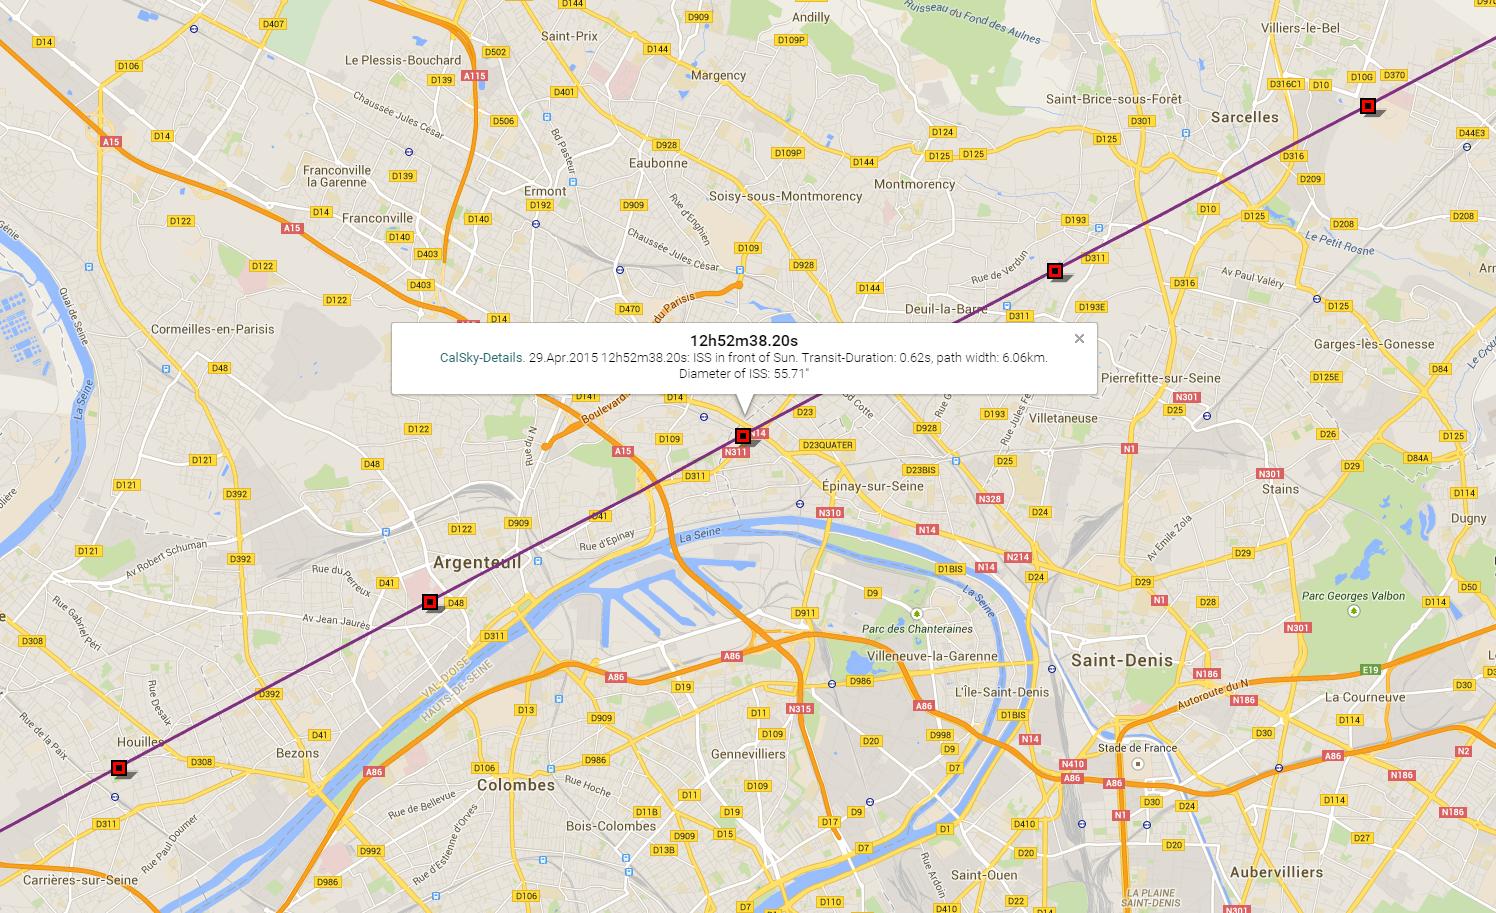 Carte du site CalSky annonçant le transit de l'ISS